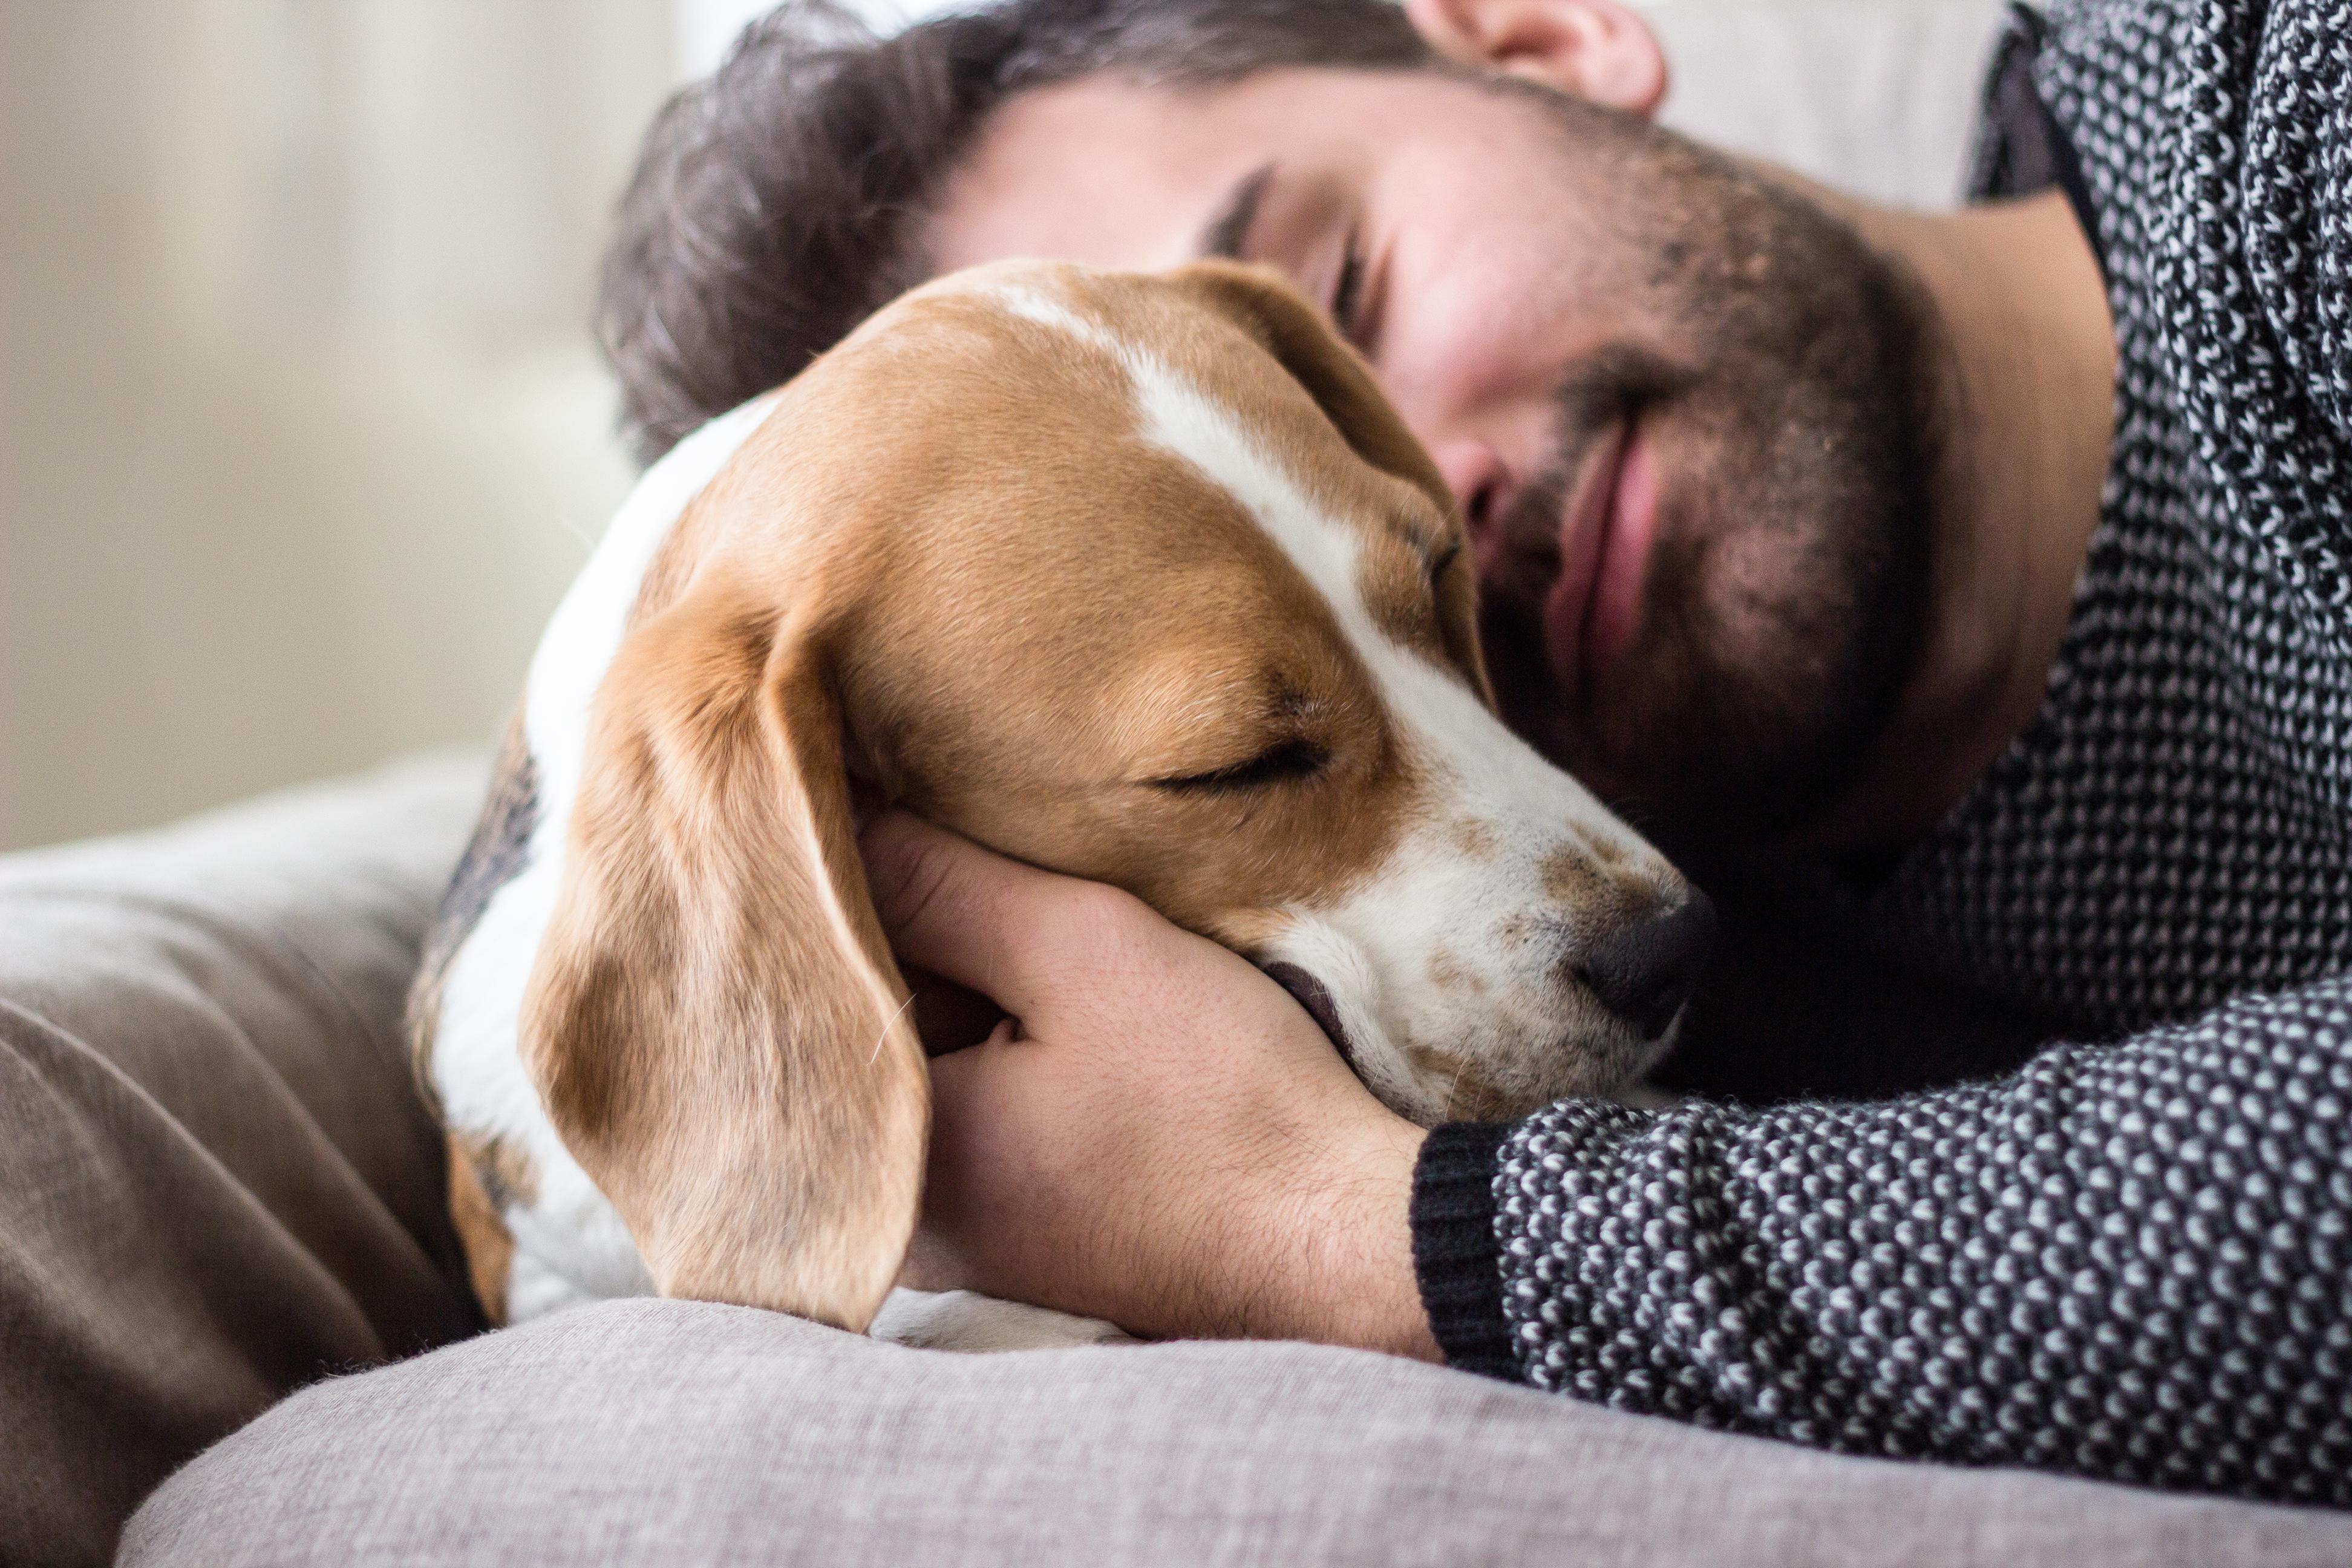 Några uppgifter om smitta från människa till husdjur finns idag inte beskrivna för covid-19.